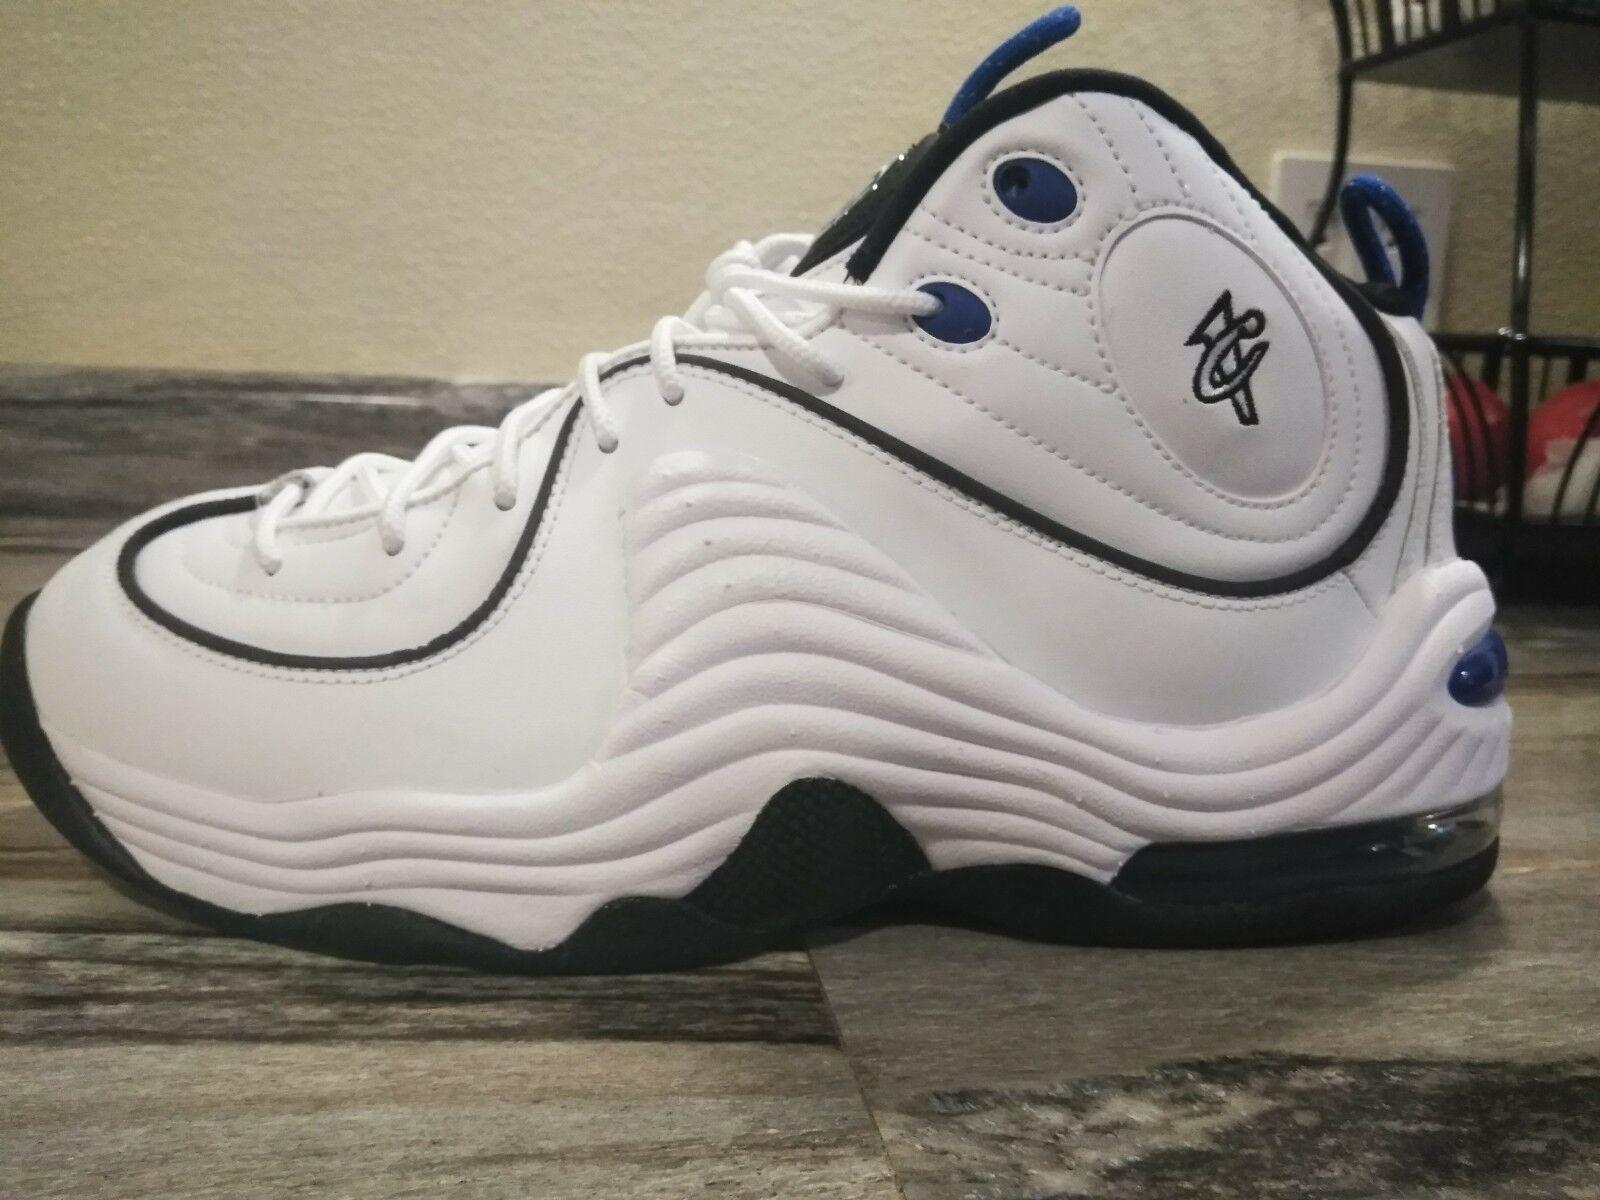 Nike air penny ii taglia 10 bianco blu 333886-100 nwob prezzo ridotto